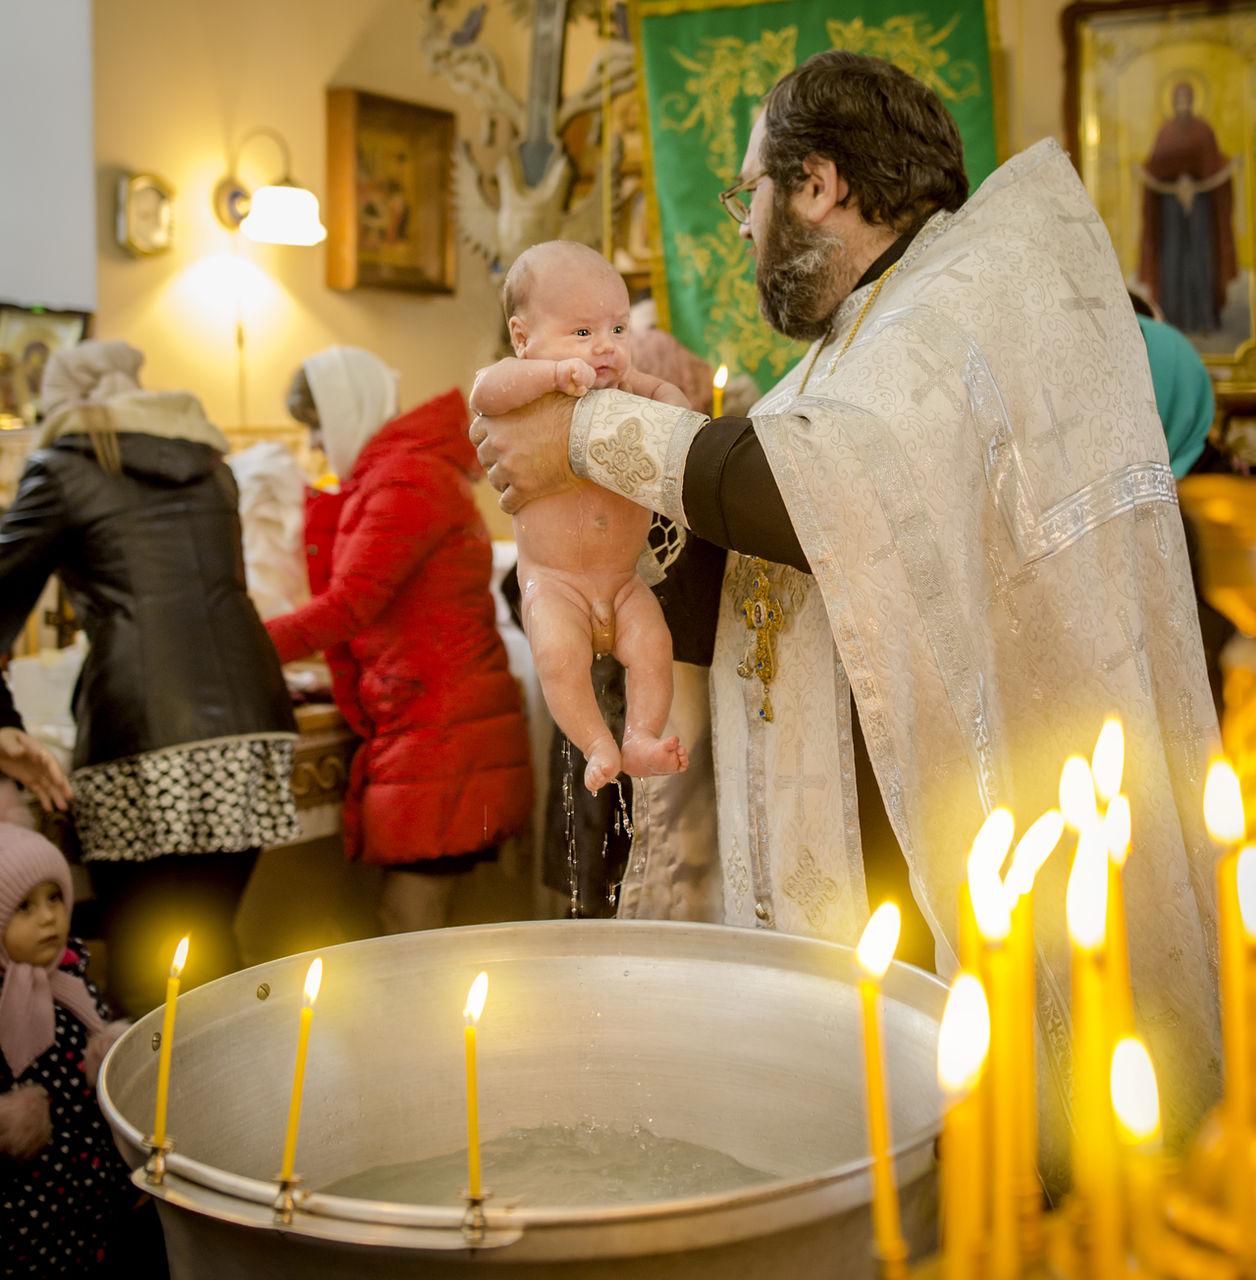 есть мастера, художественная обработка крещения фото делаю качественные обложки